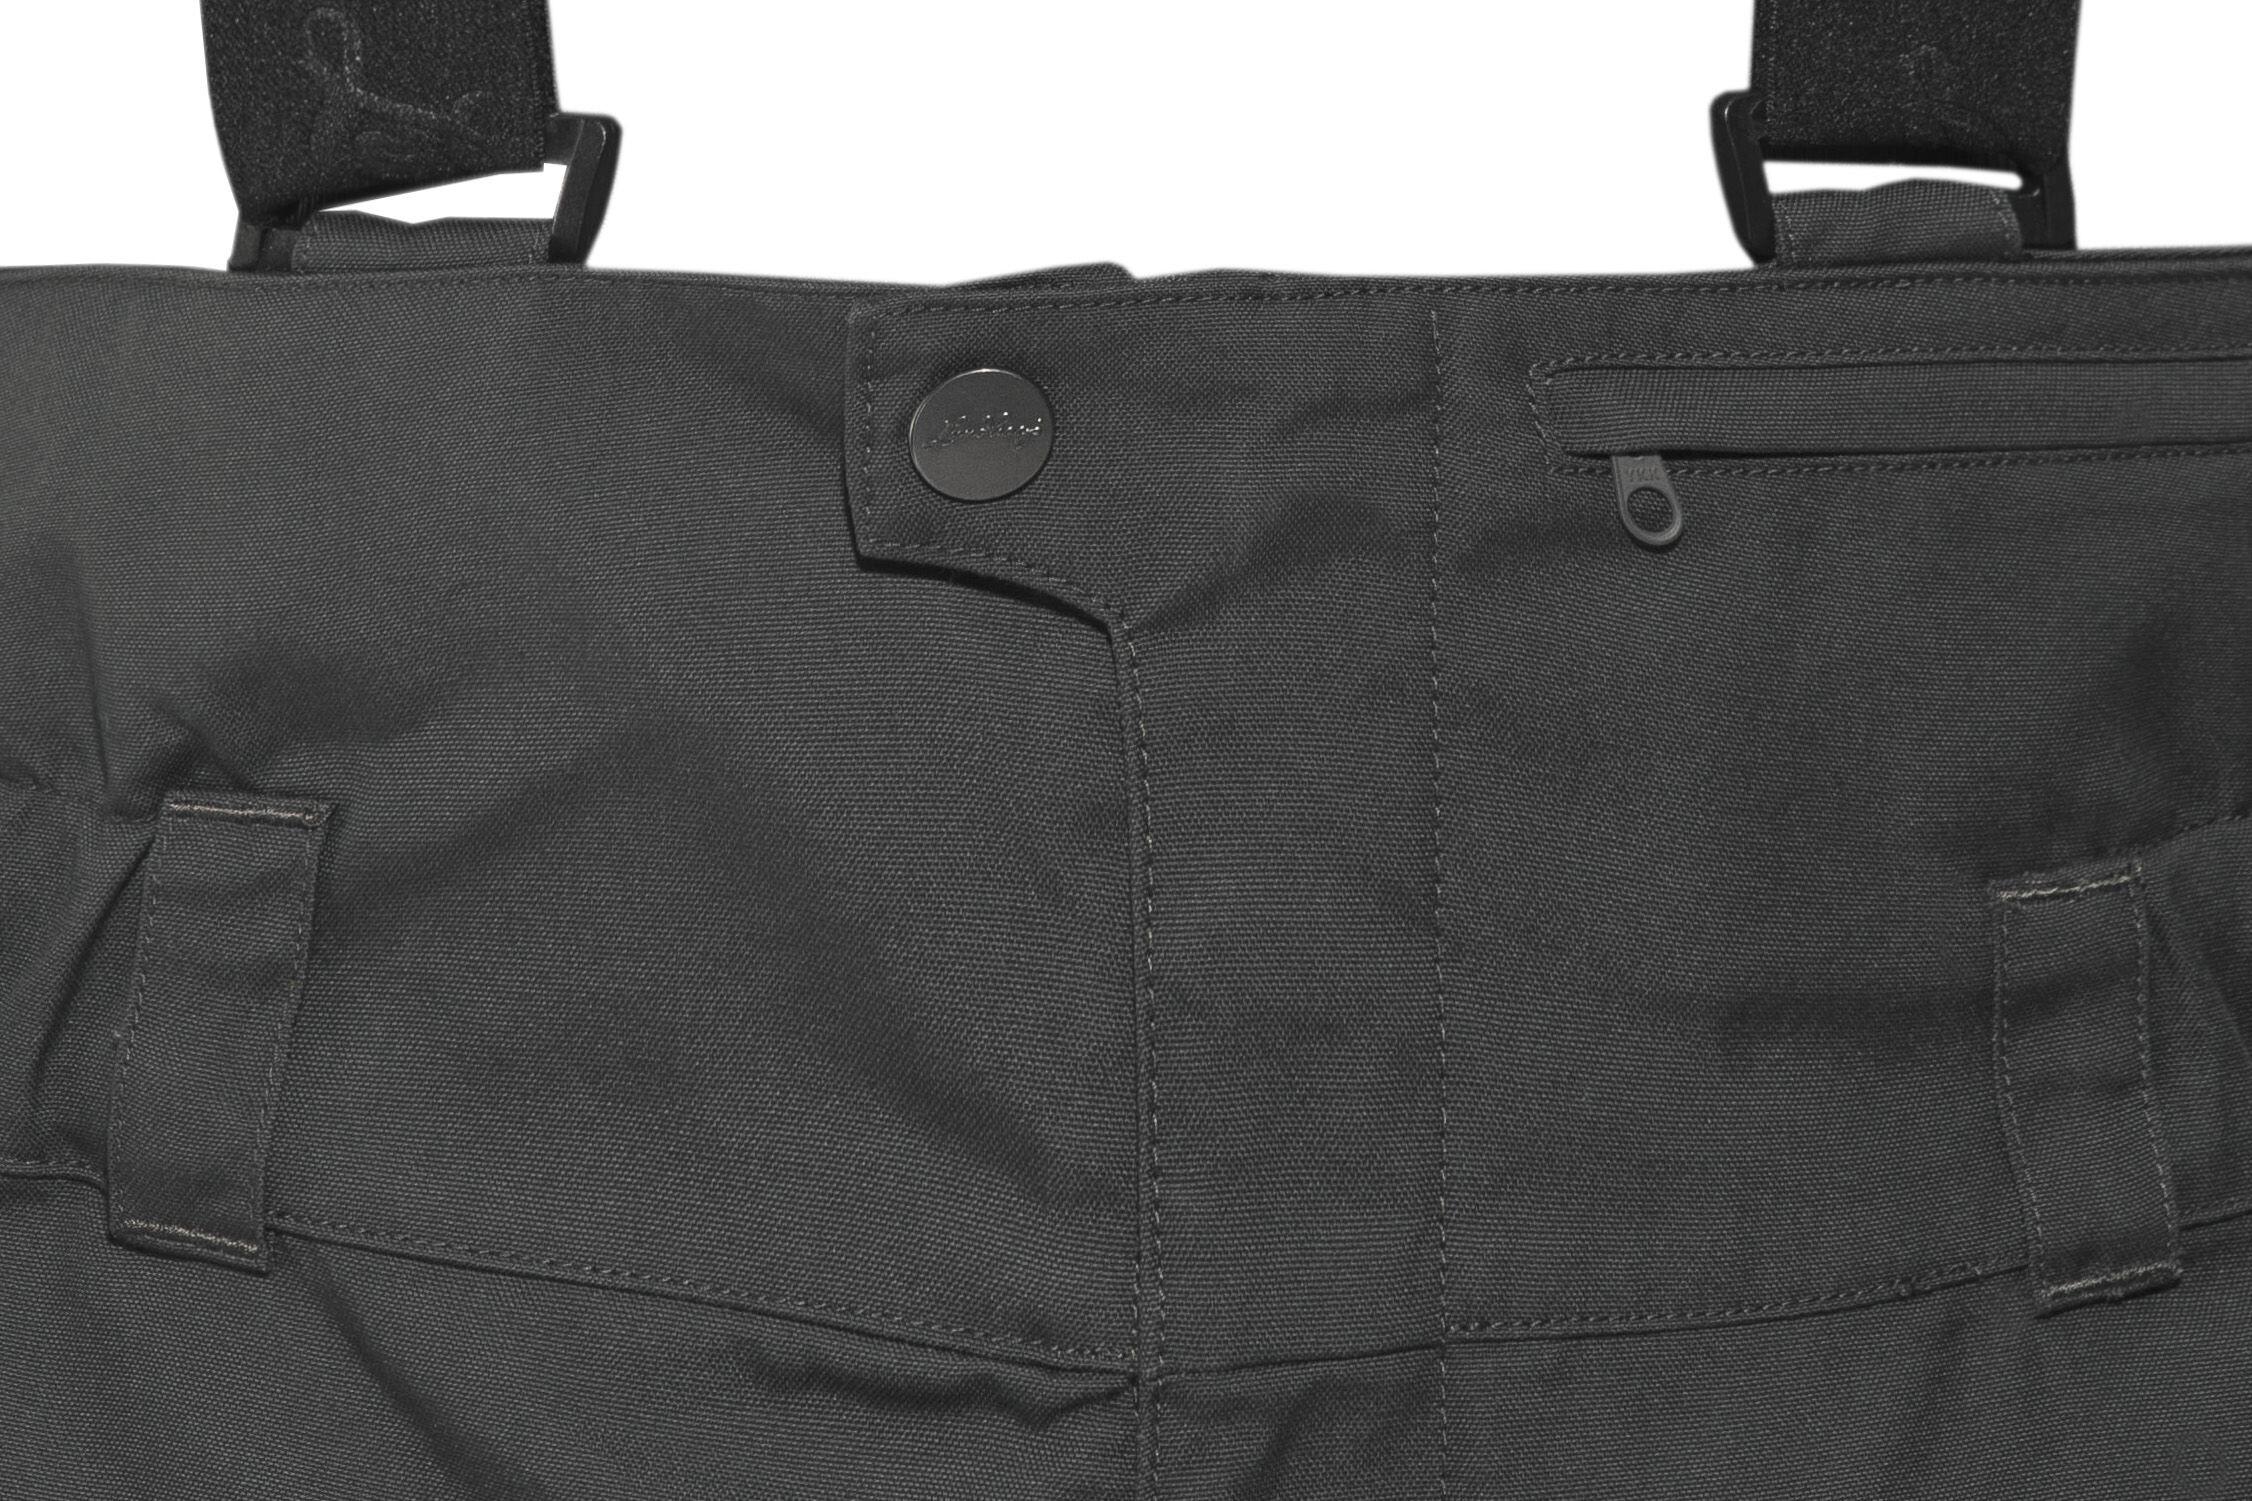 Black Diamond Klettergurt Haltbarkeit : Lundhags termik pants men charcoal campz.de